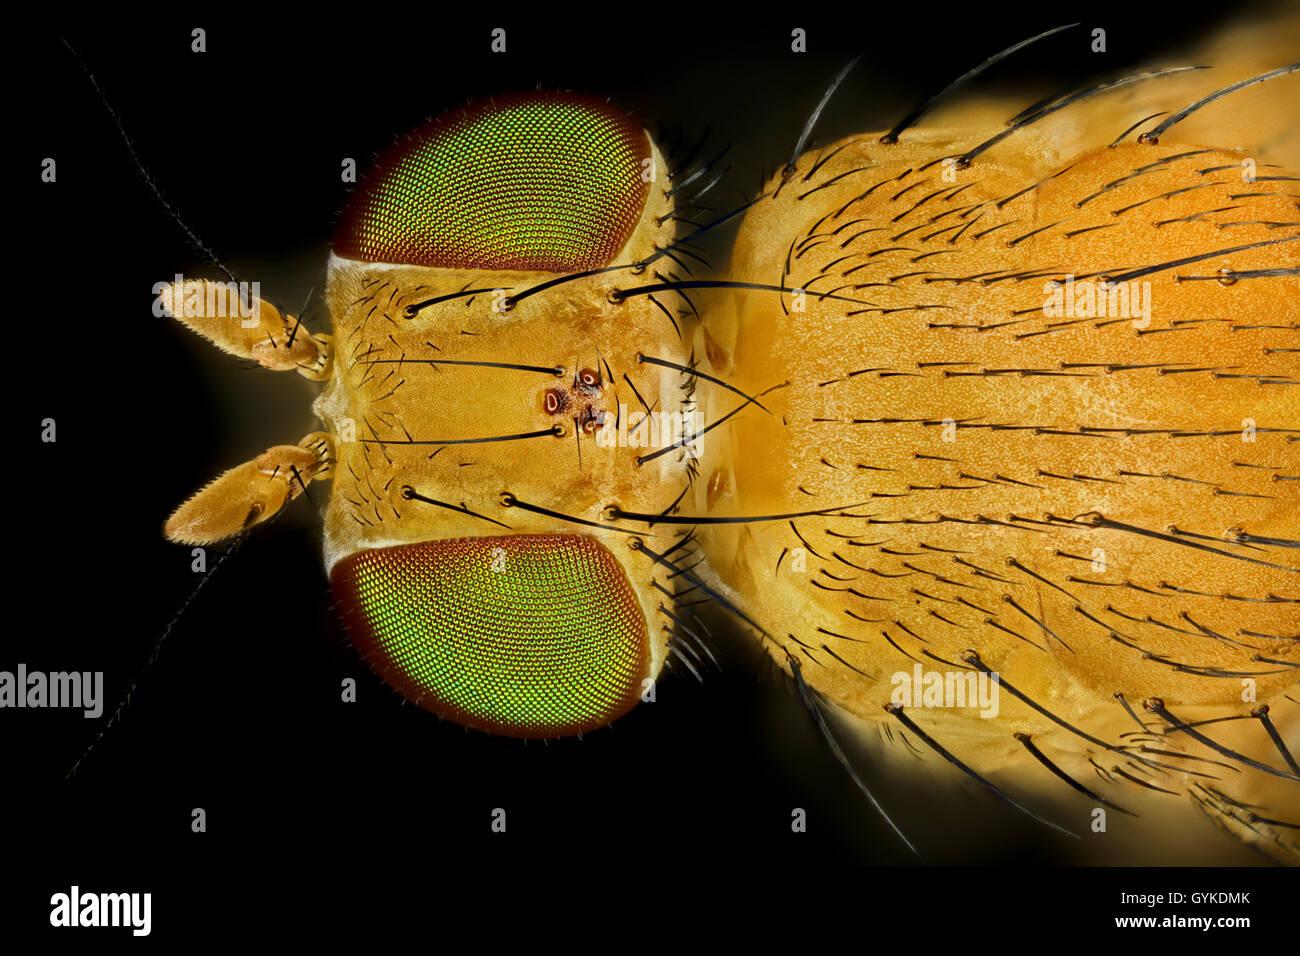 Fliegen (Brachycera (Diptera)), Makroaufnahme einer Fliege mit gruenen Augen | true flies (Brachycera (Diptera)), Stock Photo